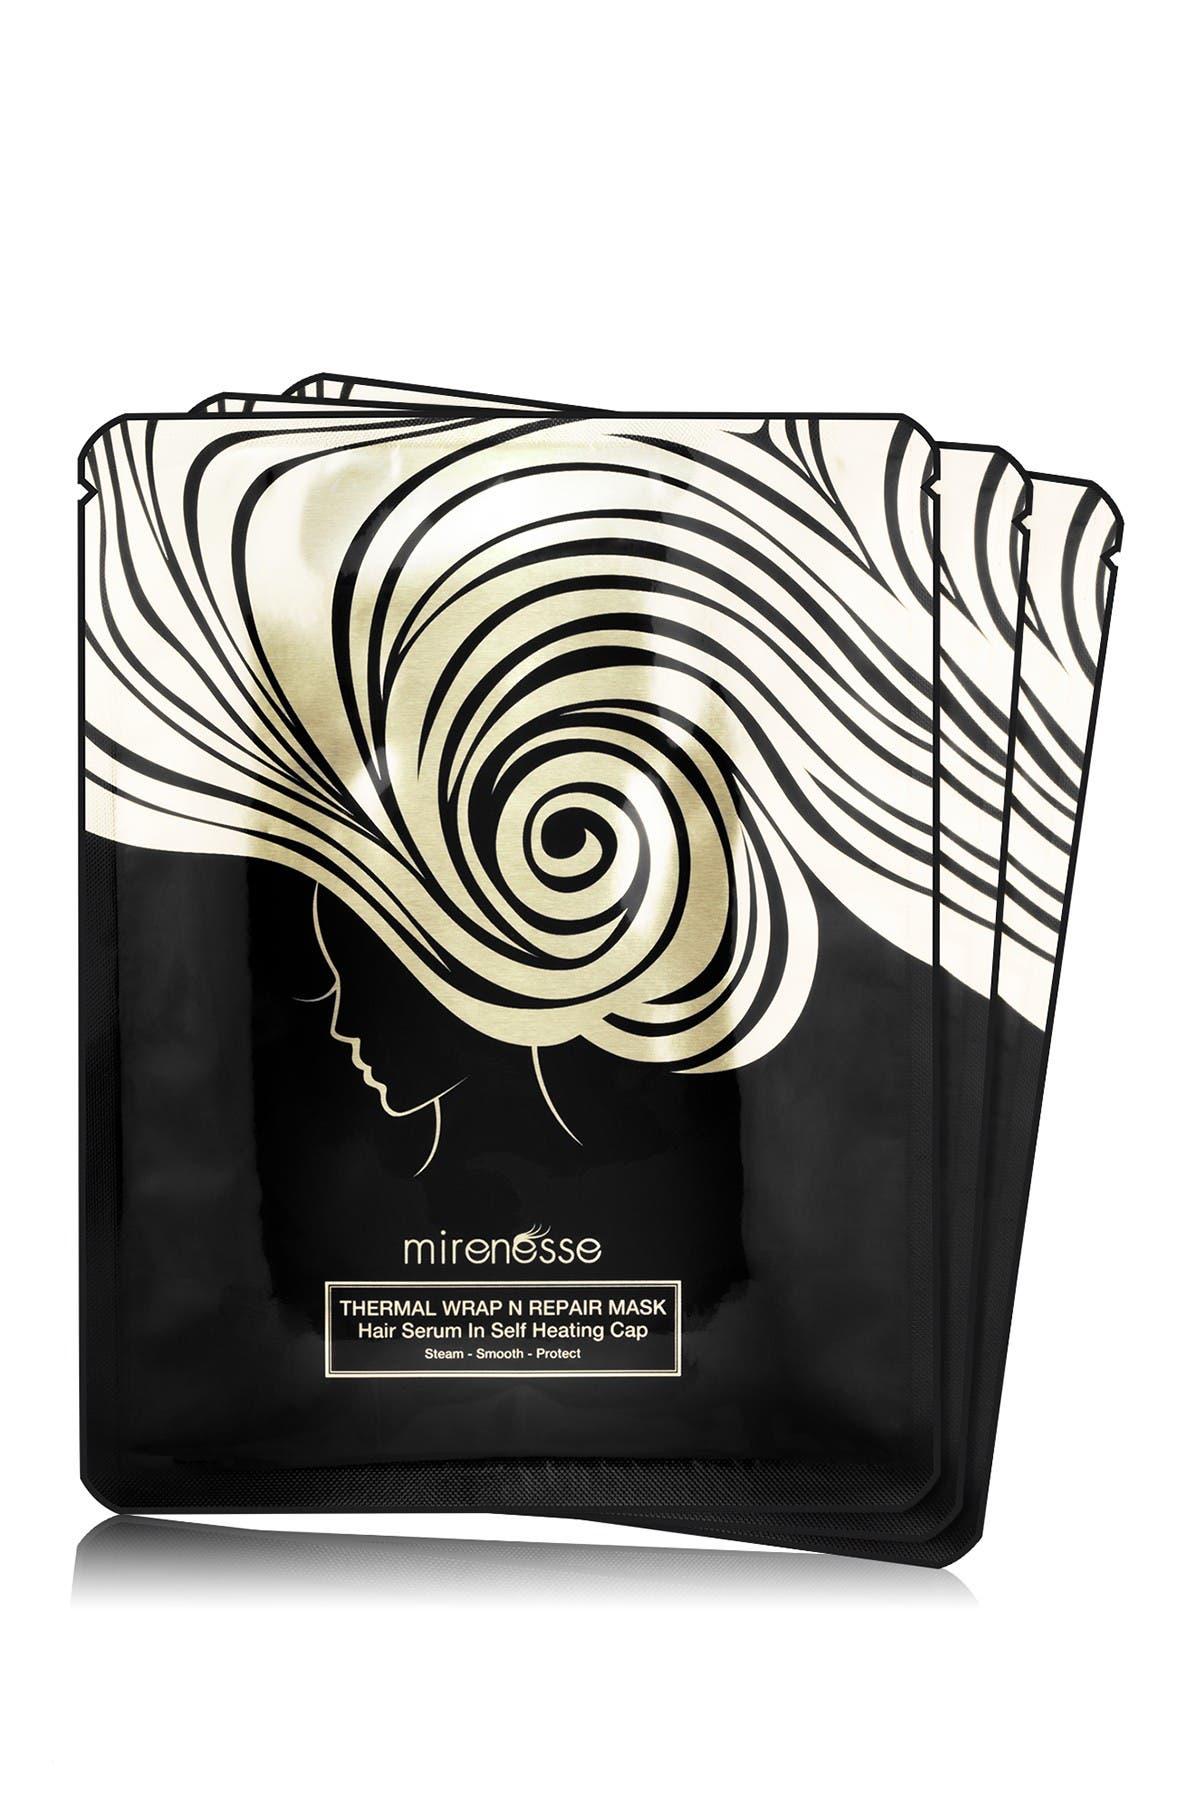 Image of Mirenesse Thermal Hair Repair Mask Treatment Serum - 3 Pack